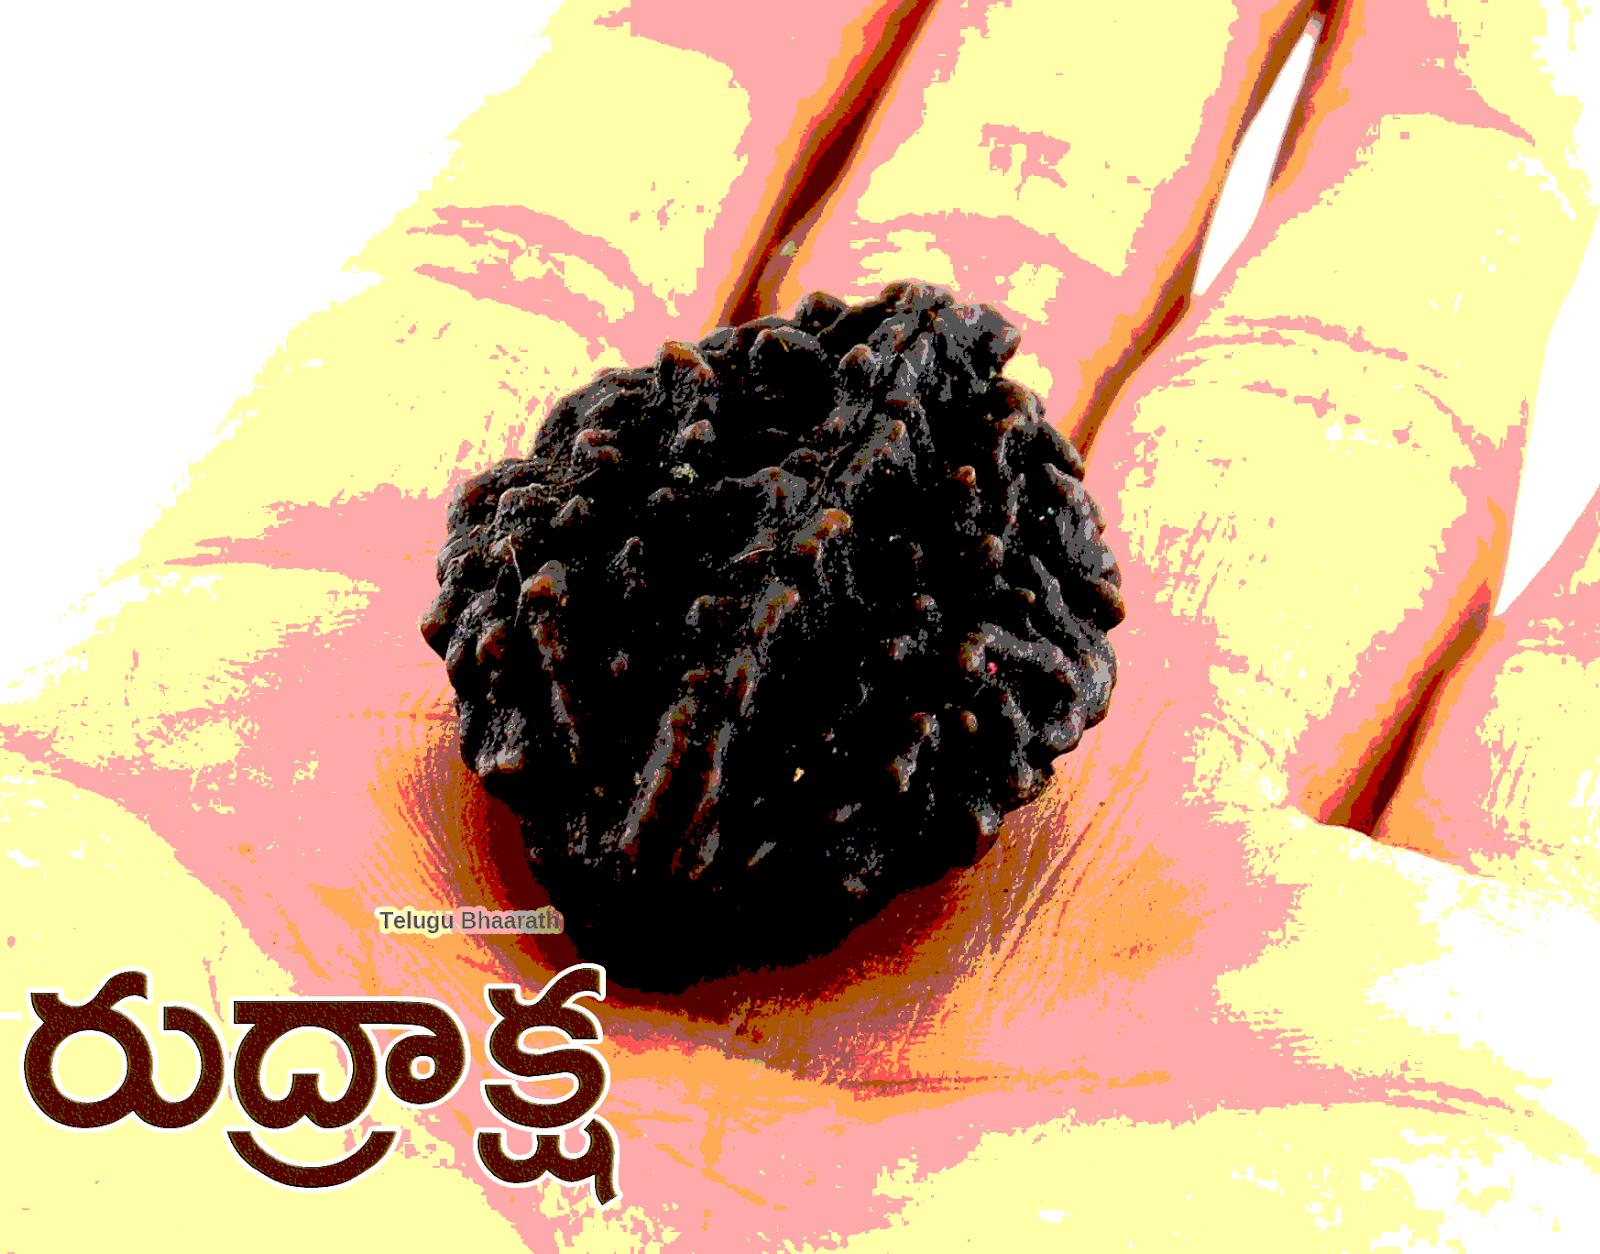 నకిలీ రుద్రాక్షలు గుర్తించడం ఎలా - Nakilee Rudrakshalu Gurtinchadam